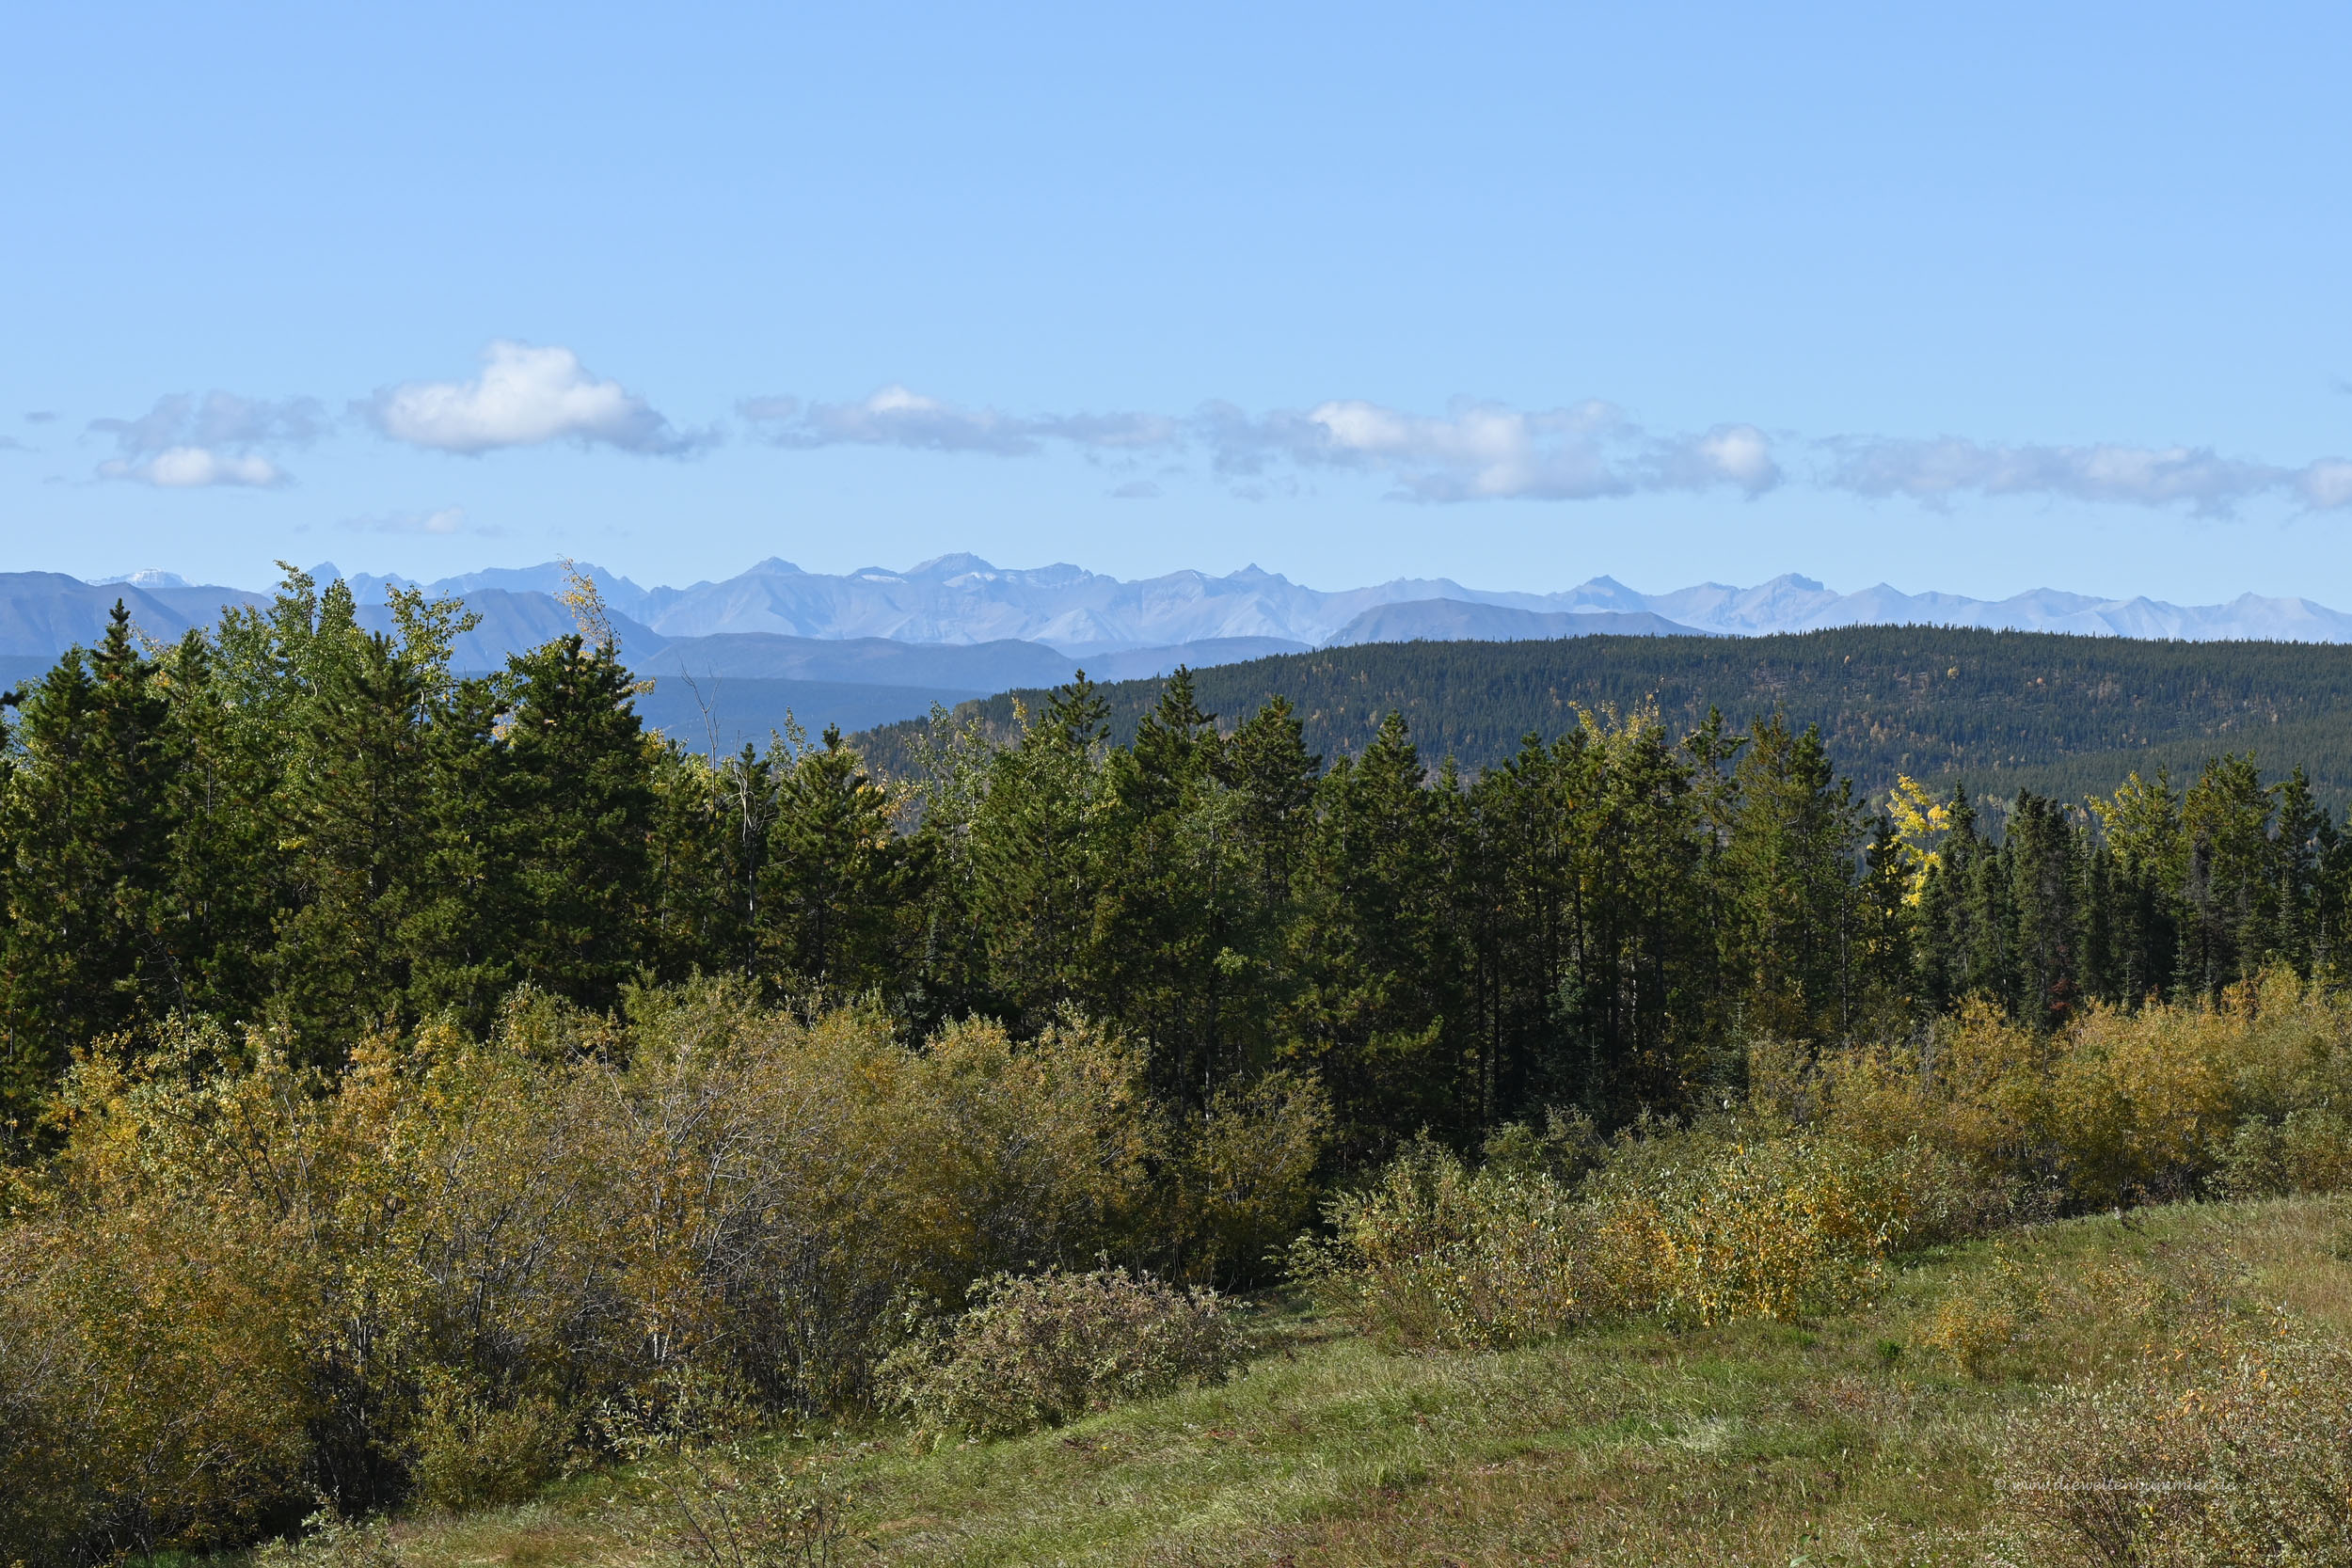 Aussichtspunkt vor den Northern Rockies